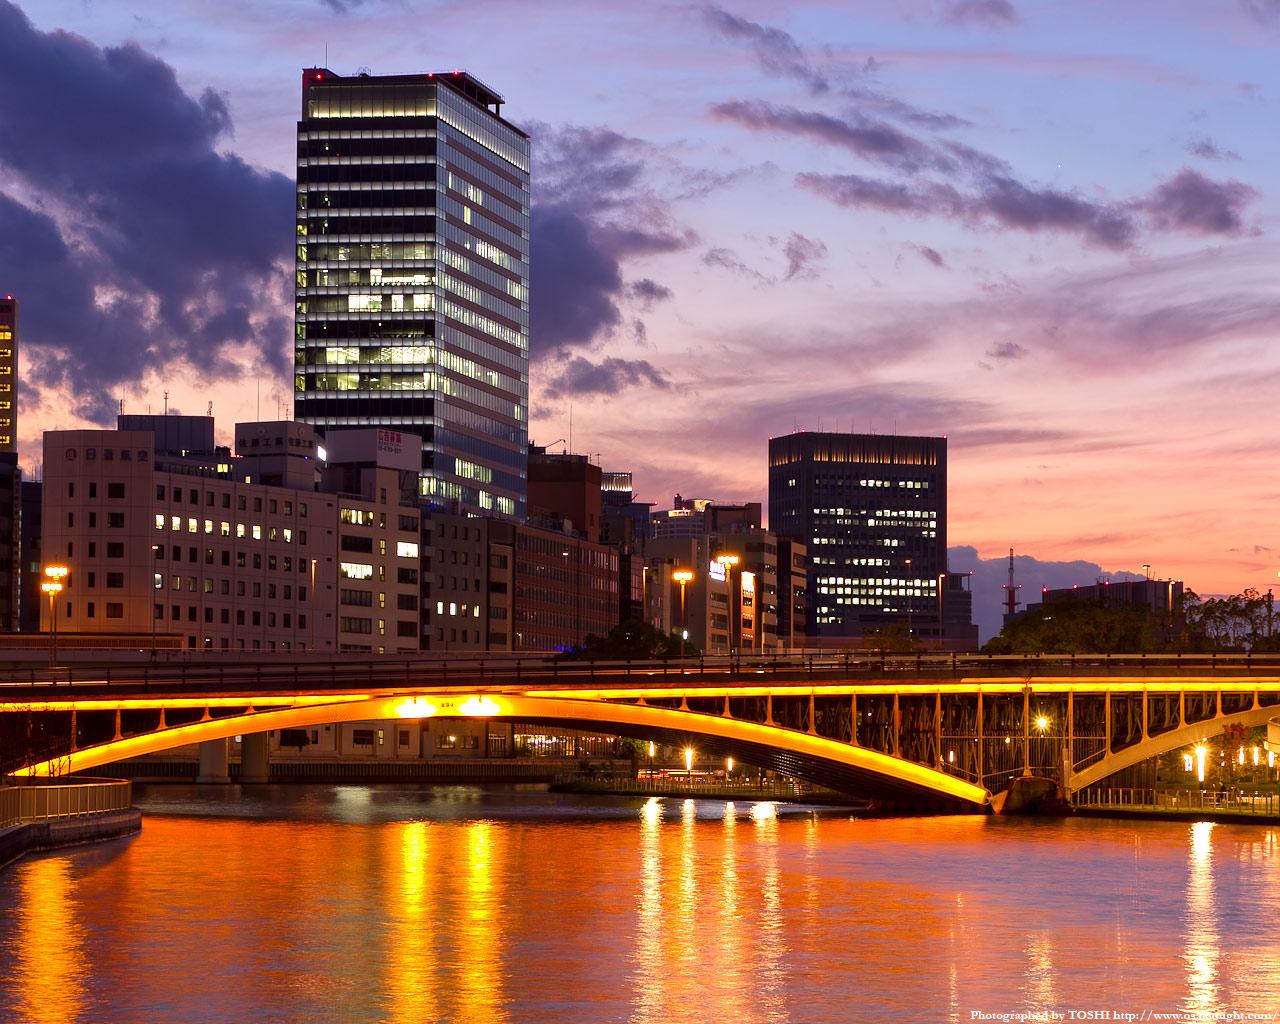 天神橋のライトアップ夕景3